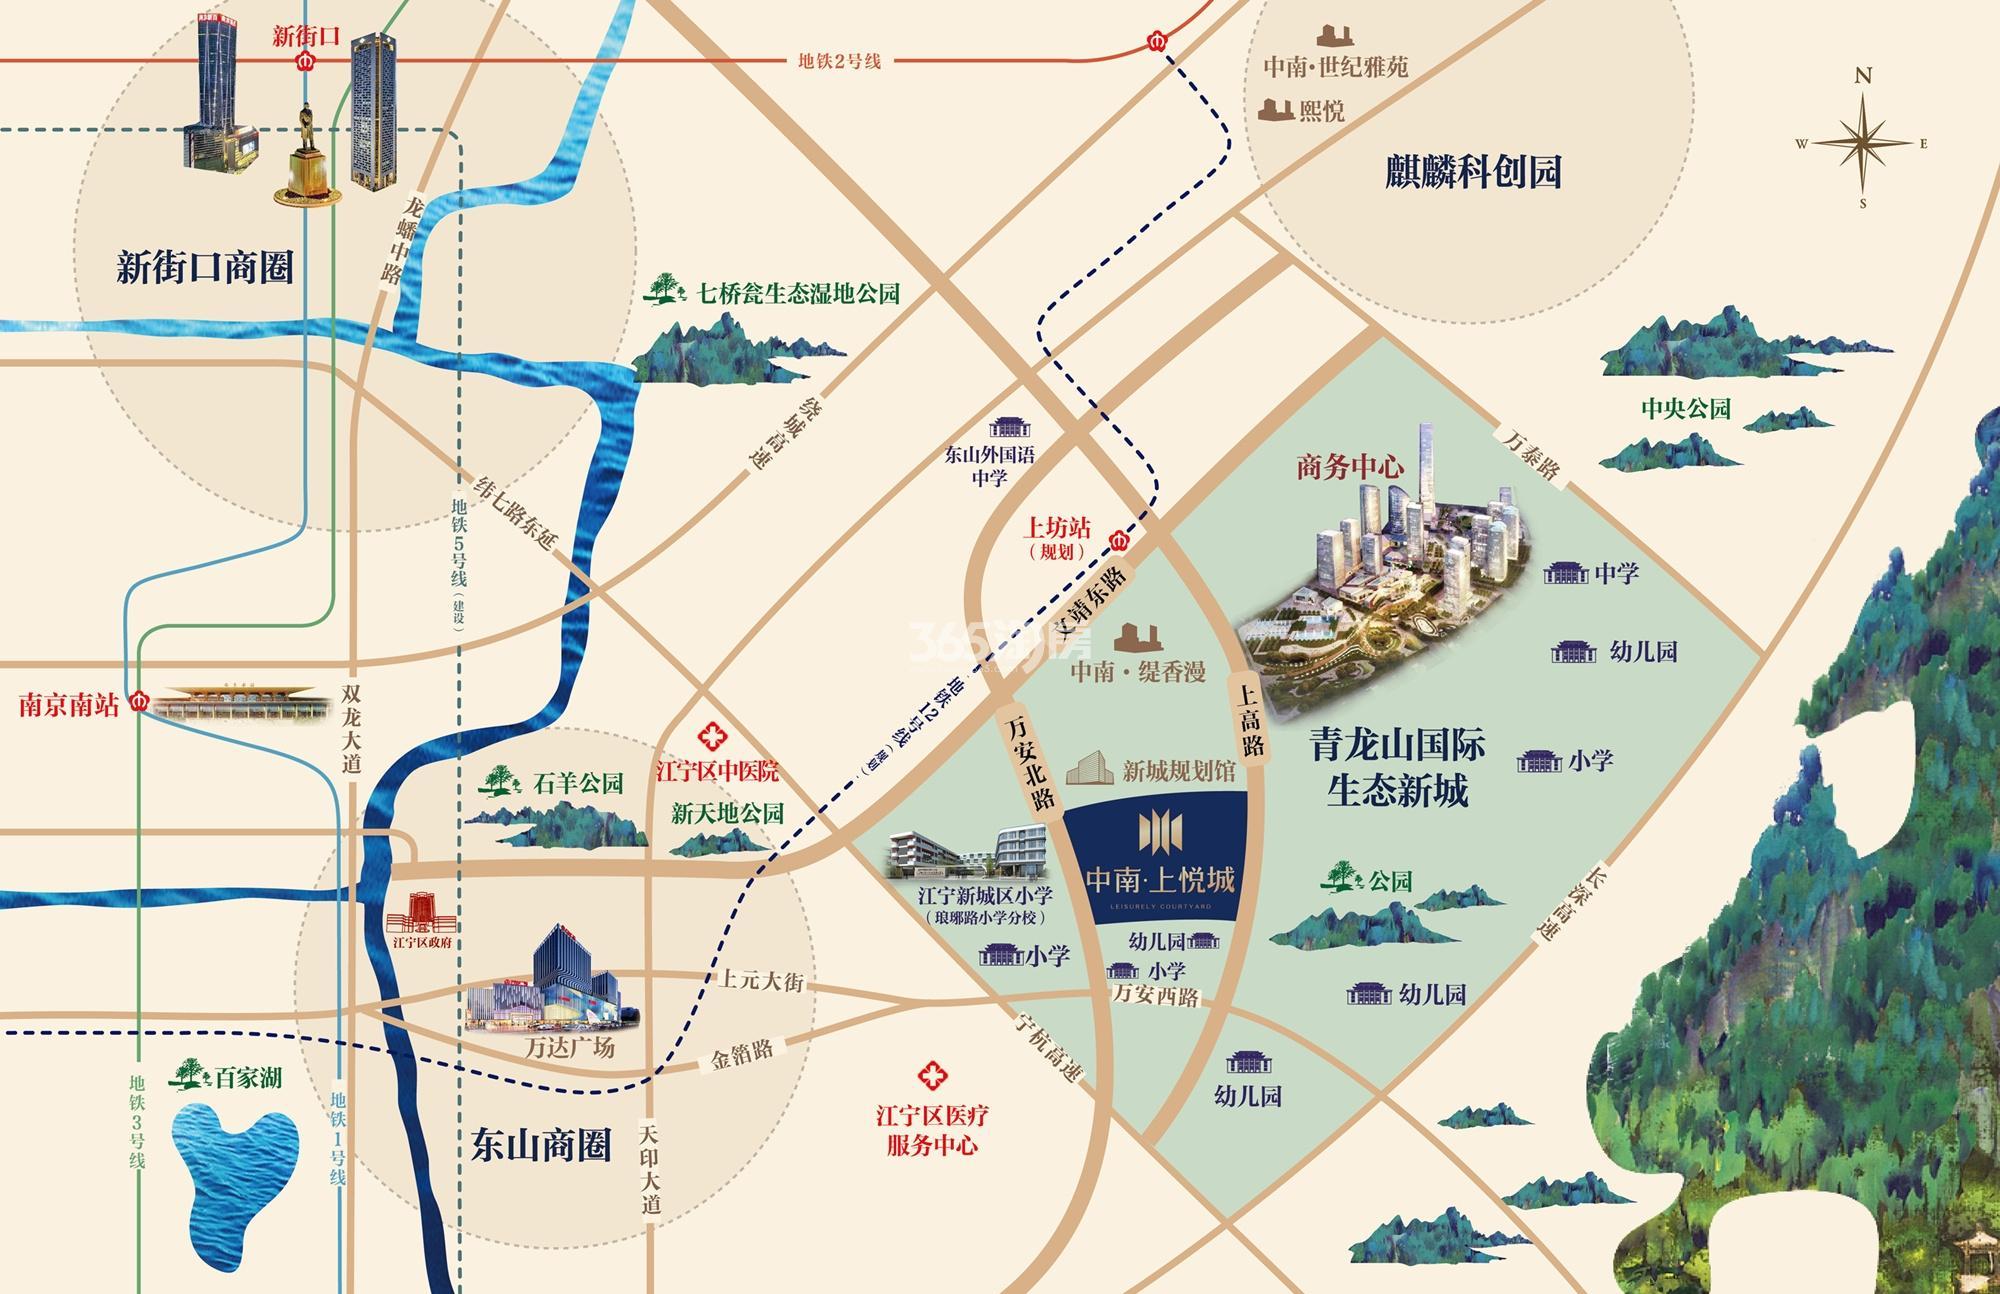 中南上悦花苑(原中南上悦城)交通图